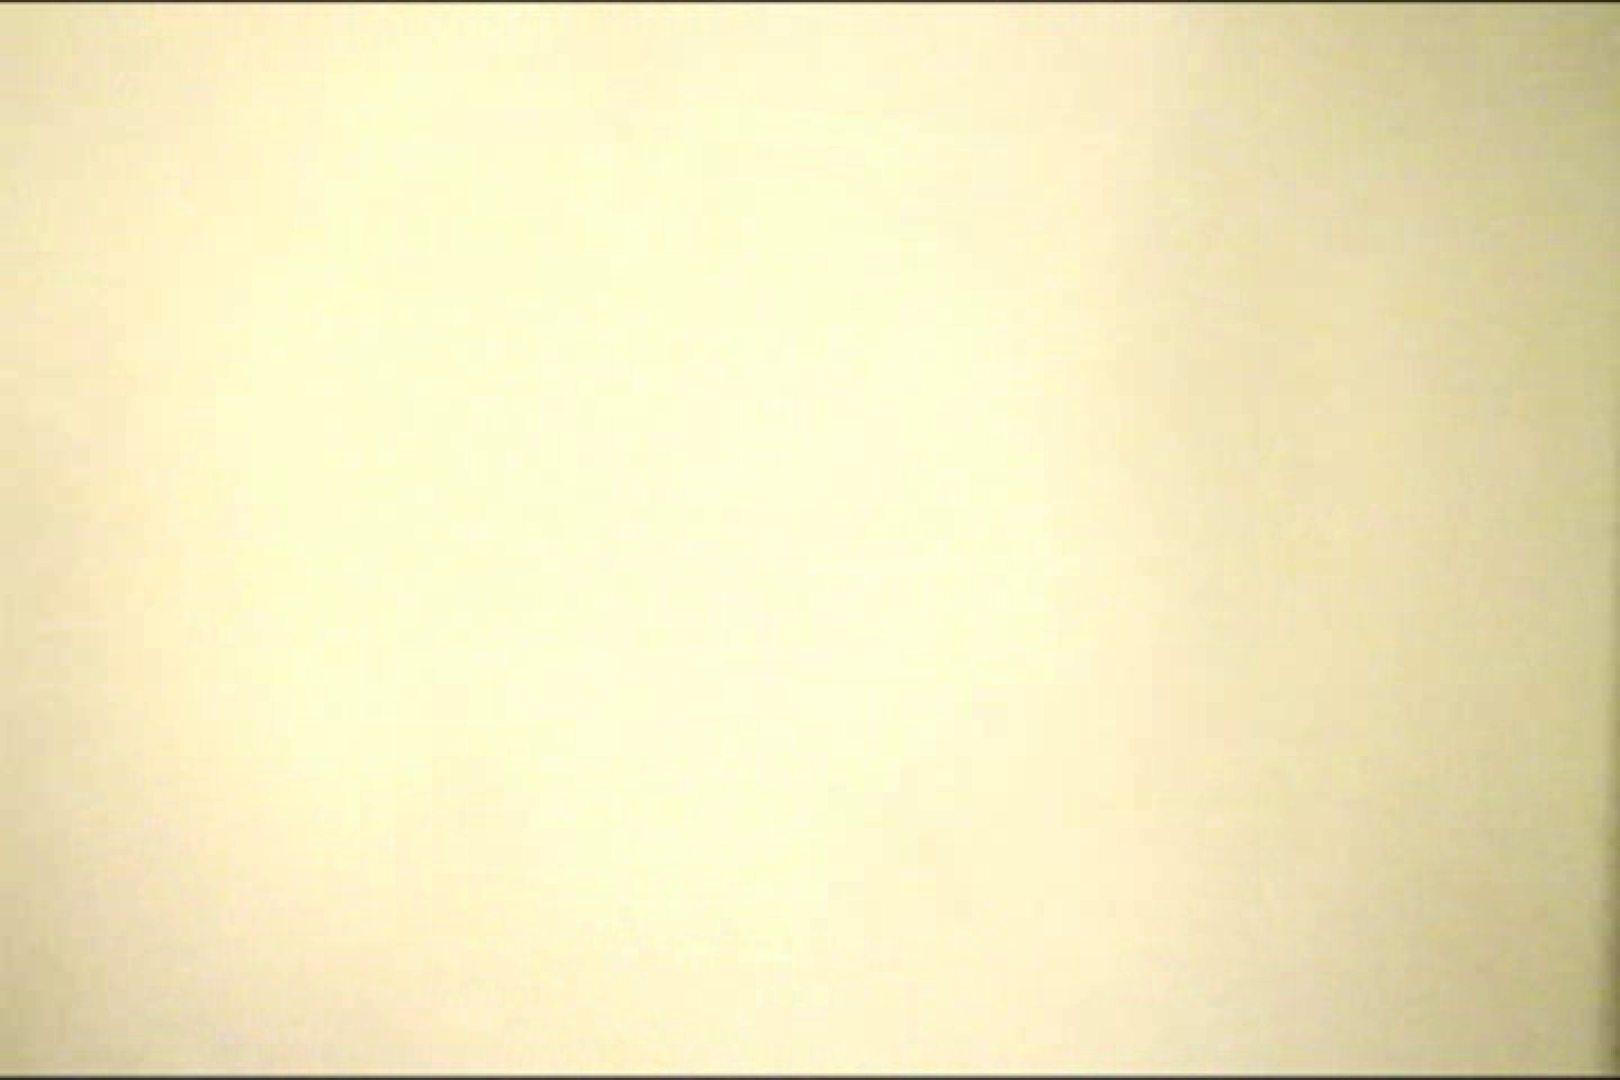 マンコ丸見え女子洗面所Vol.18 マンコ  86連発 80